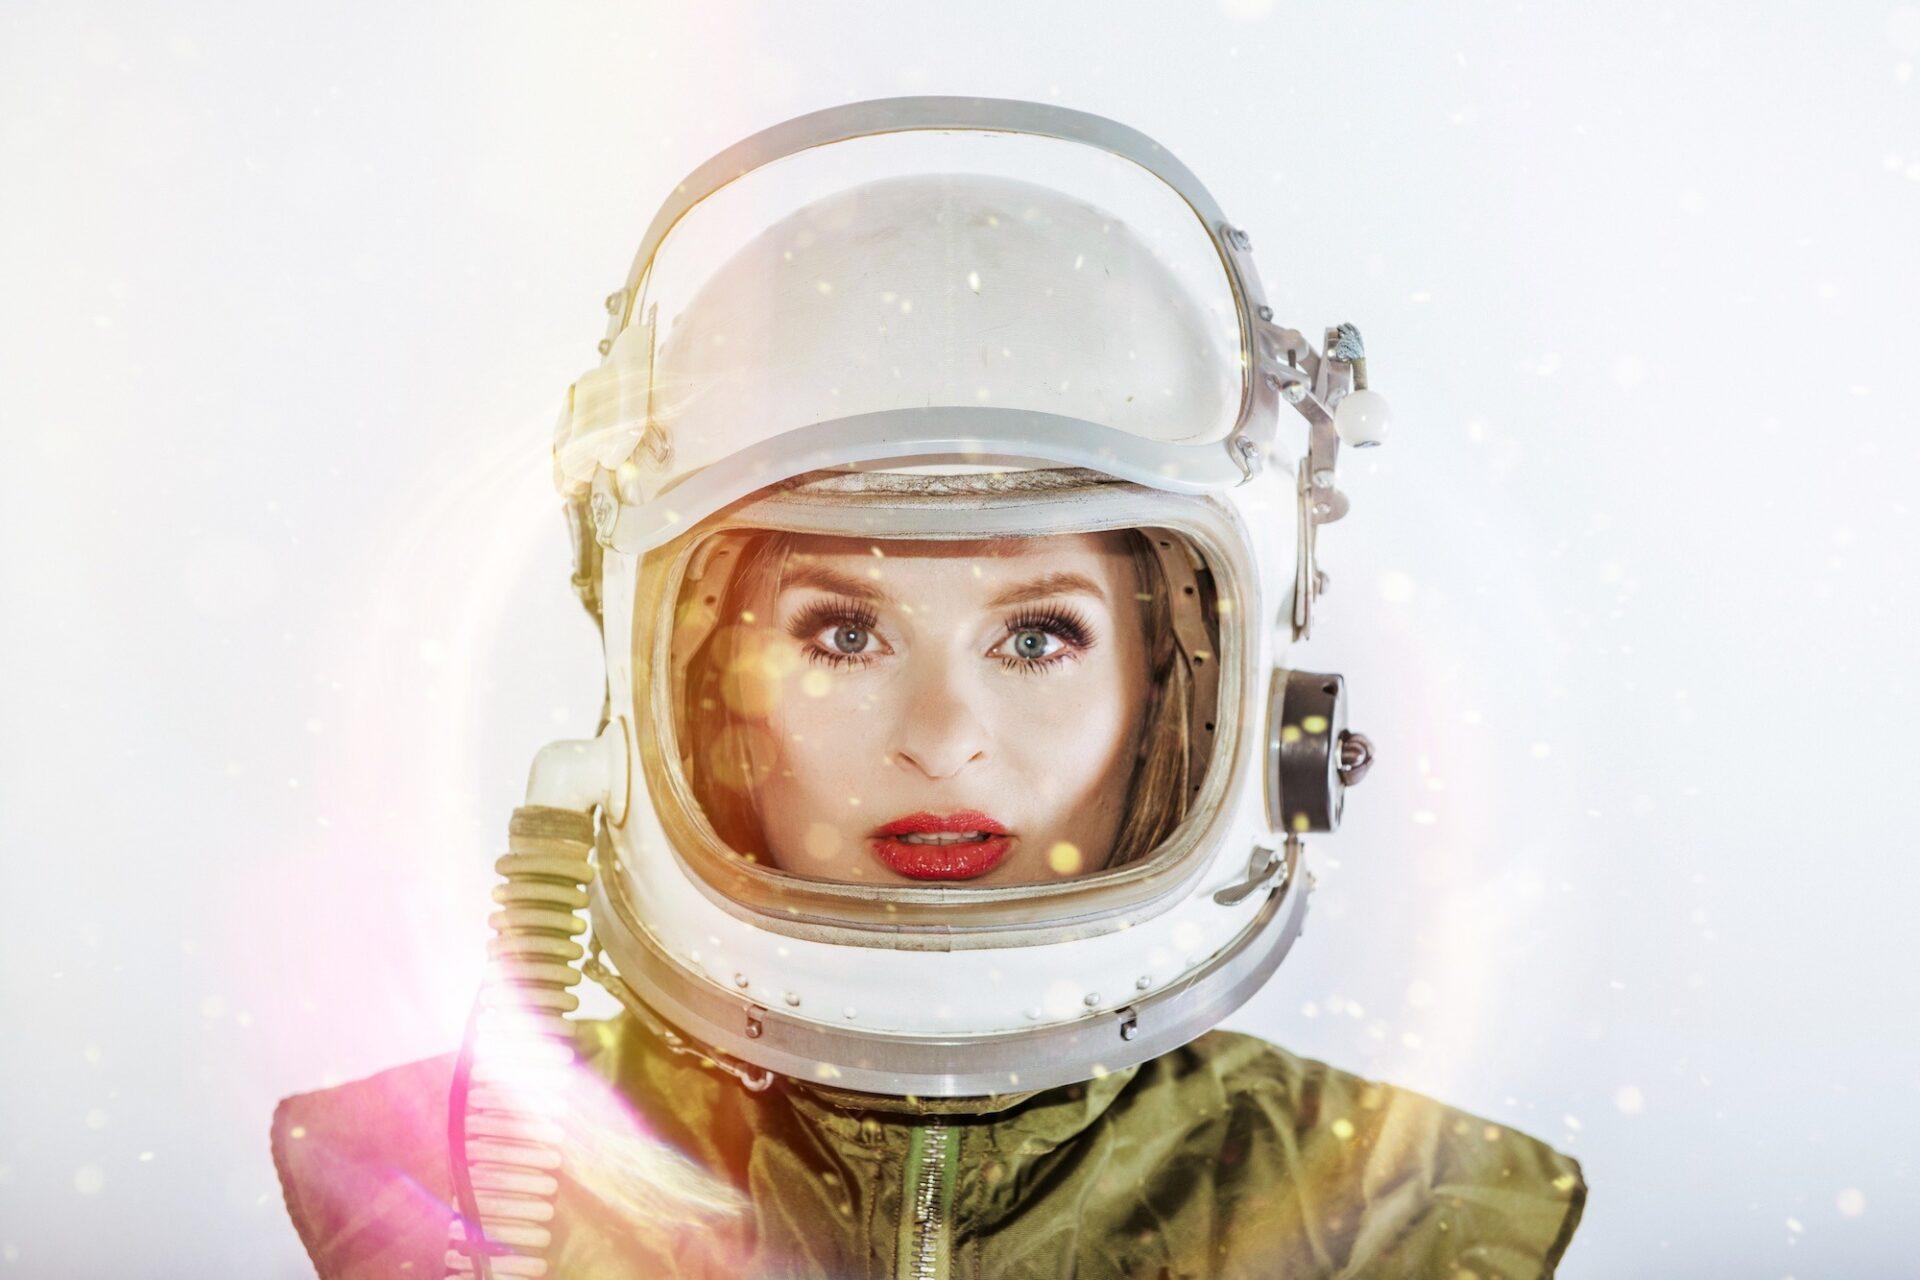 KAT 4799 IAMKAT kopie 1 Sandra van Nieuwland over haar nieuwe album en tour 'Human Alien'